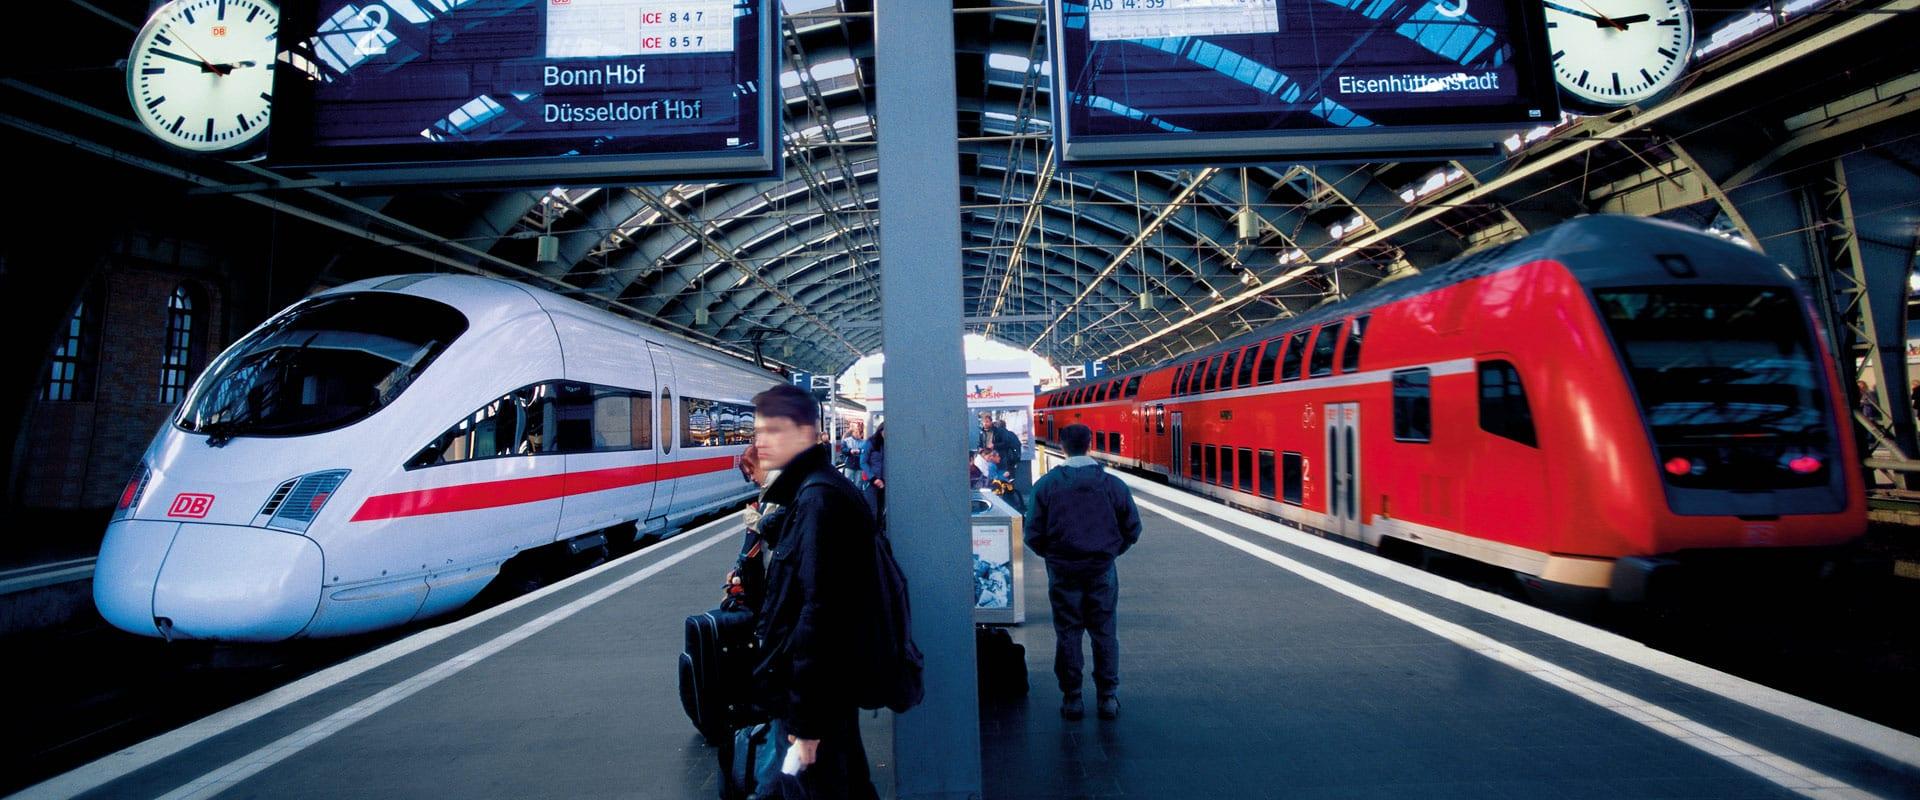 Os 5 mais famosos trens de alta velocidade na Europa